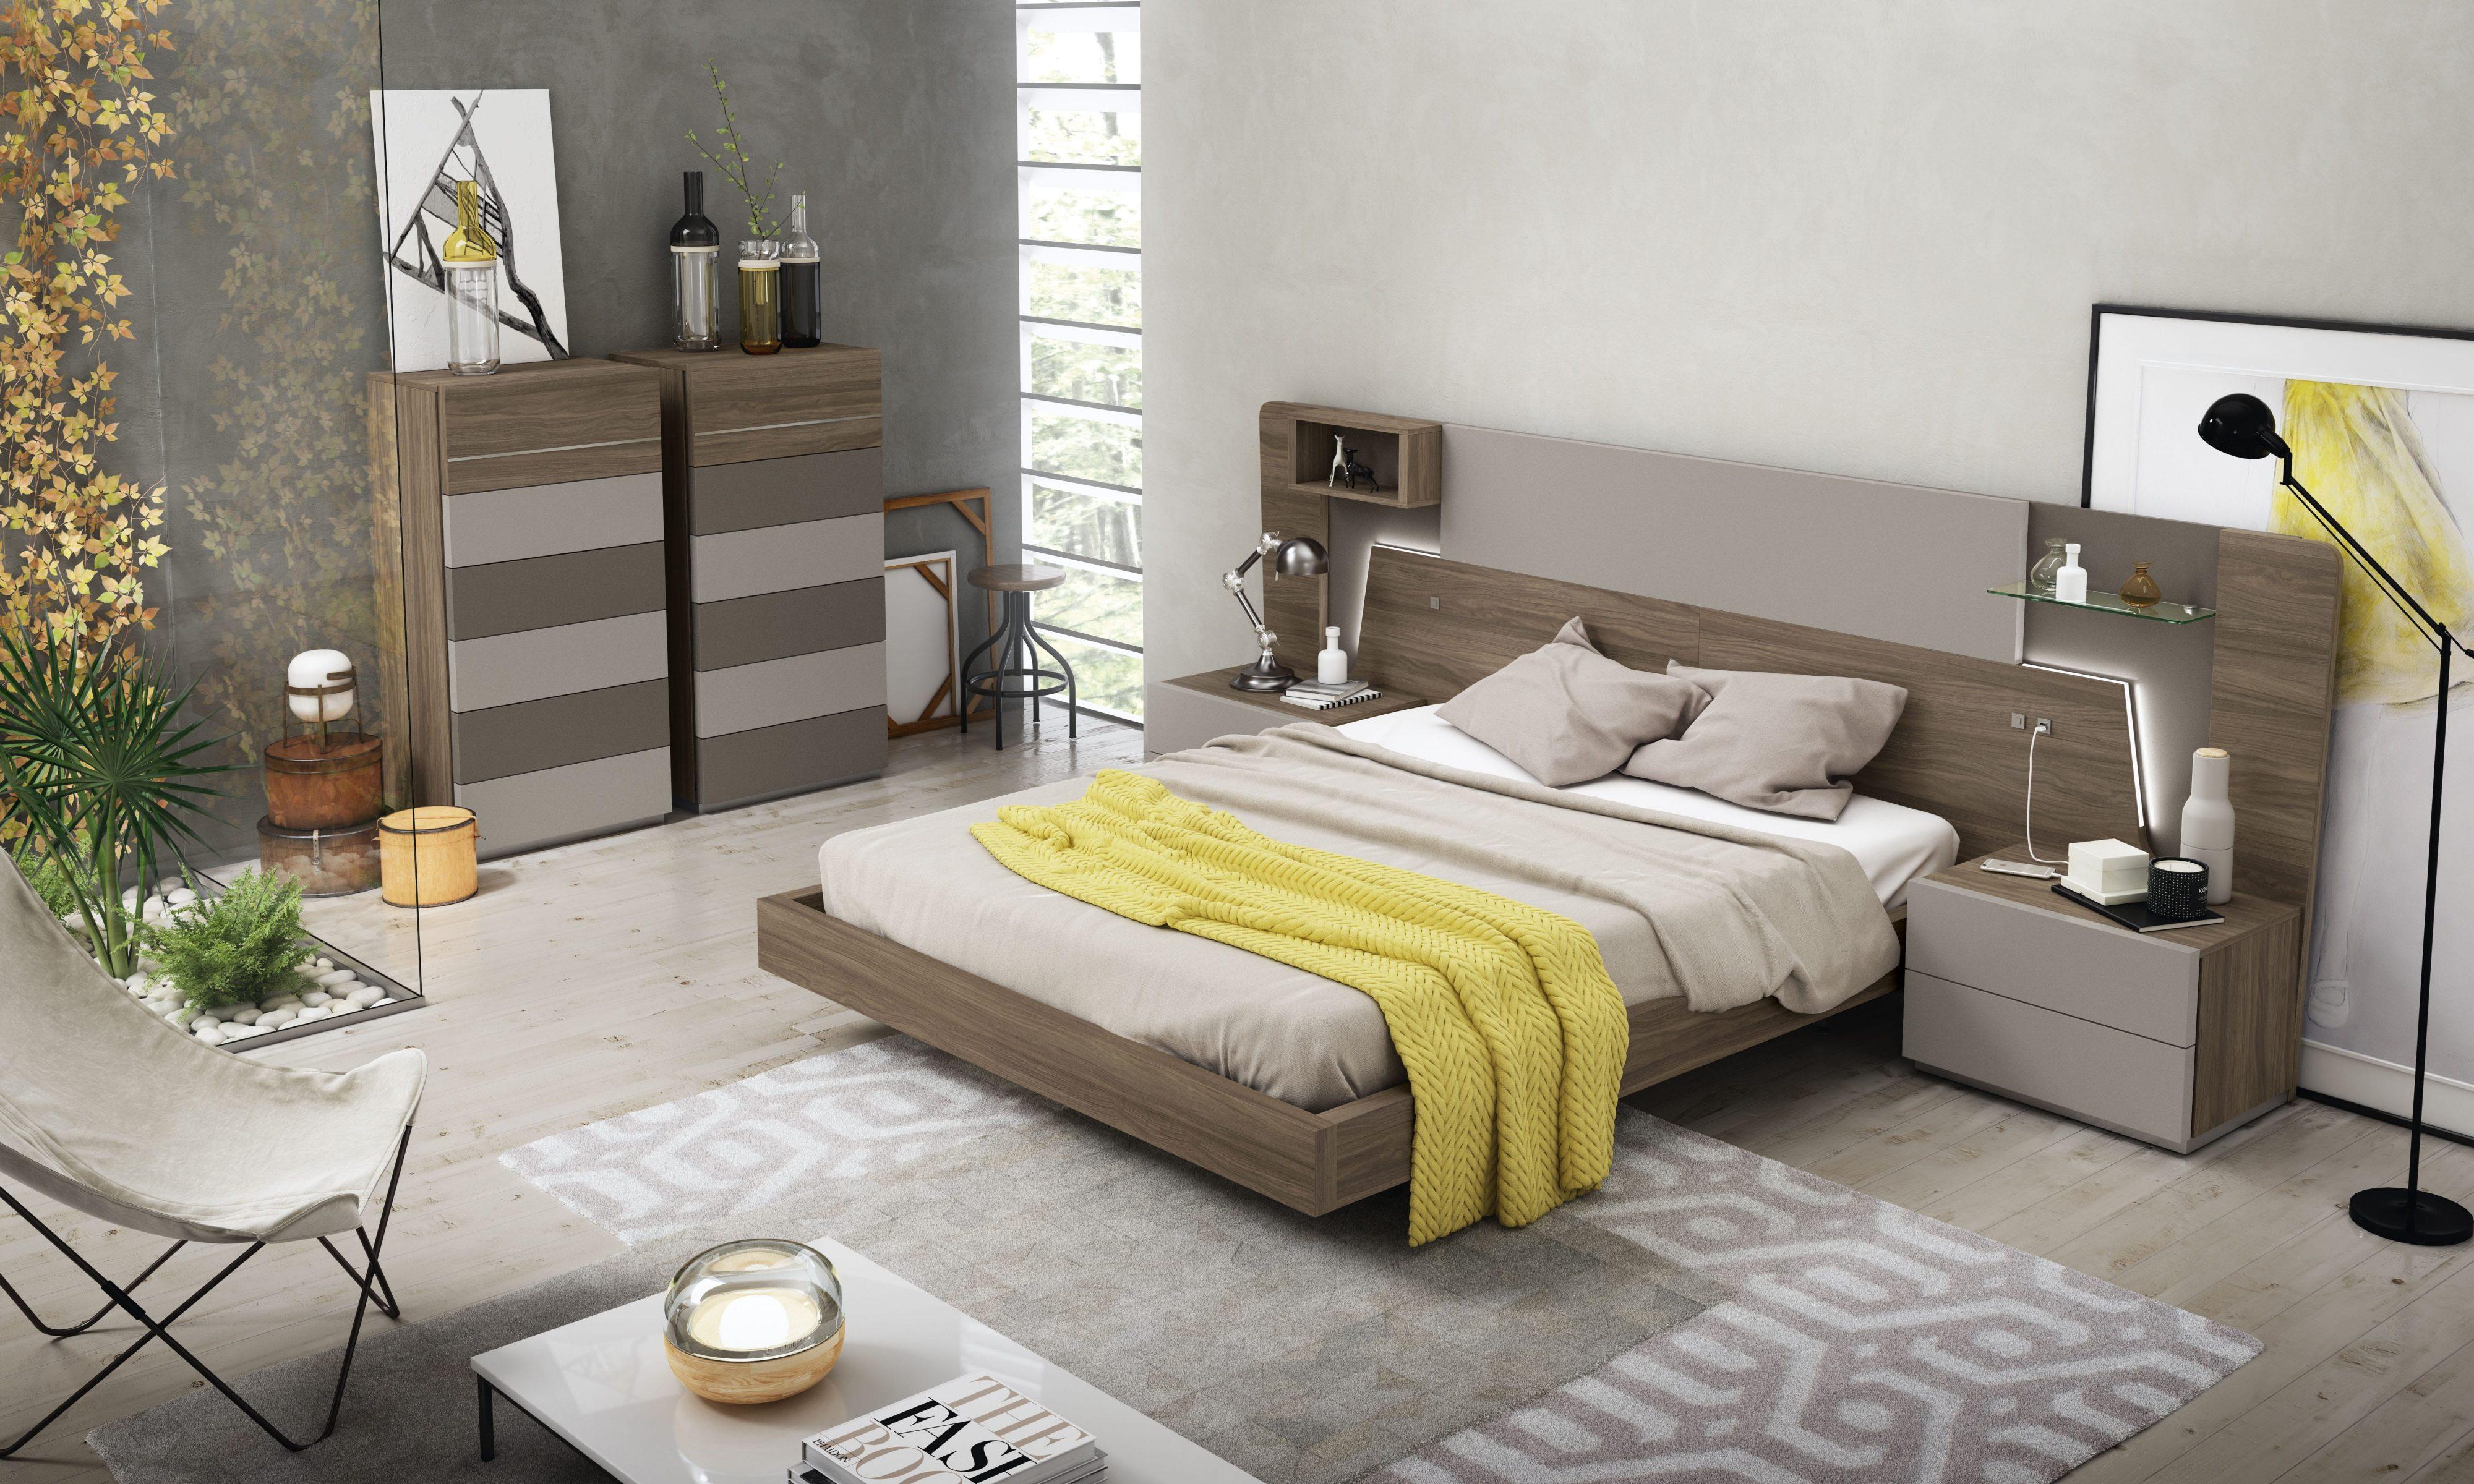 Dormitorio matrimonio con la incorporación de detalles en el que el mueble adquiere un aspecto más refinado y decorativo.